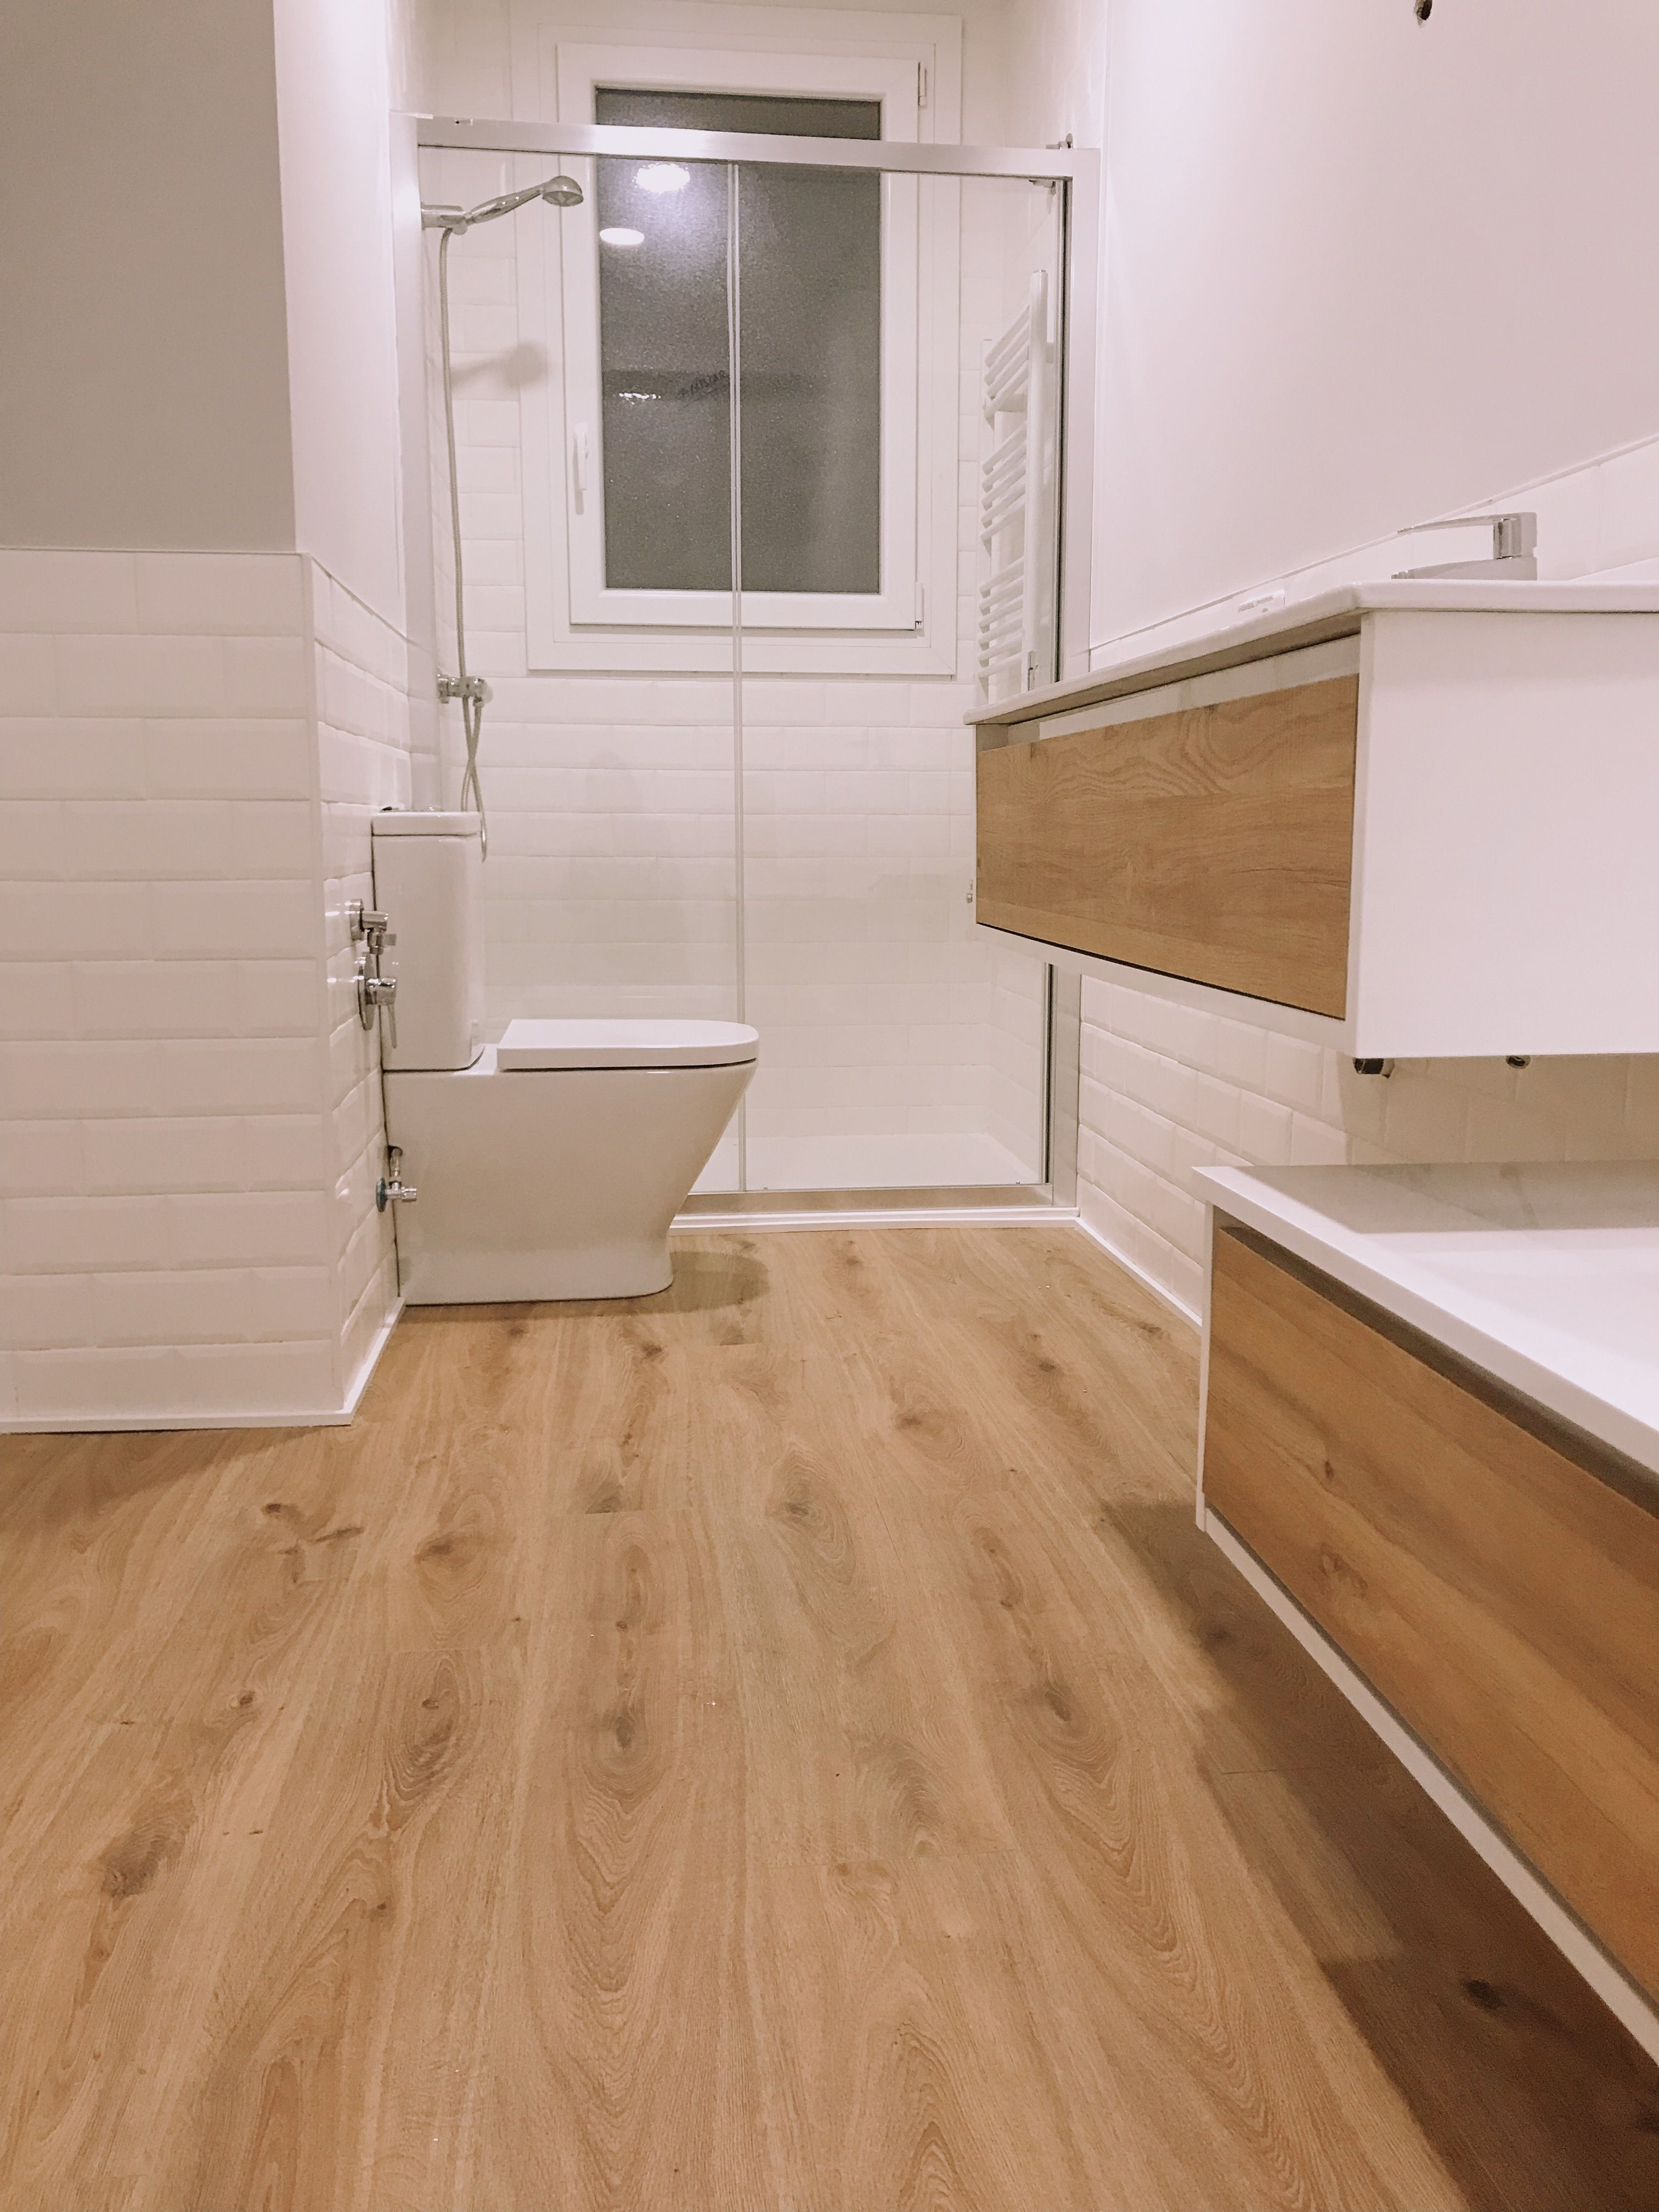 Idea de Dana Irimia en Mornings en 2020 | Diseño de baños ...